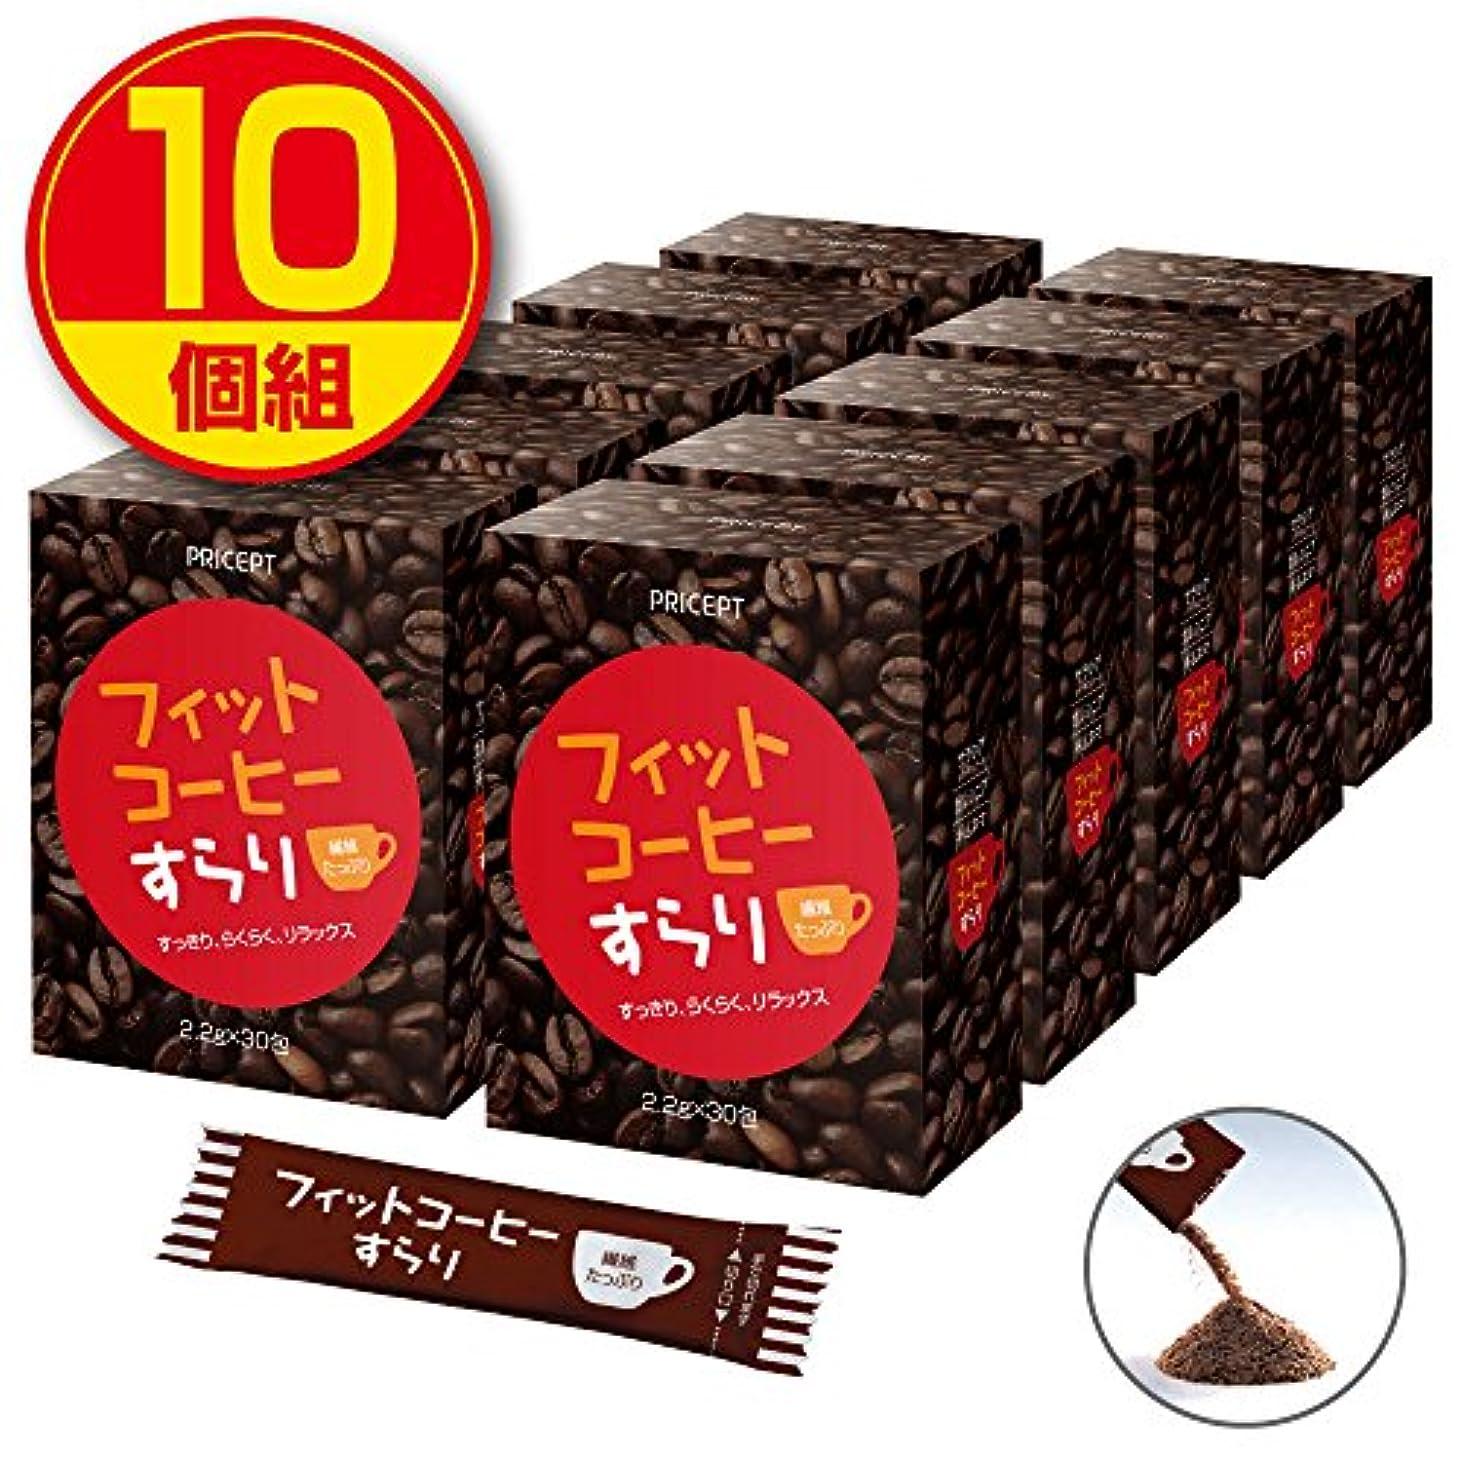 特異なレーザ花に水をやるプリセプト フィットコーヒーすらり 30包【10個組(300包)】(ダイエットサポートコーヒー)